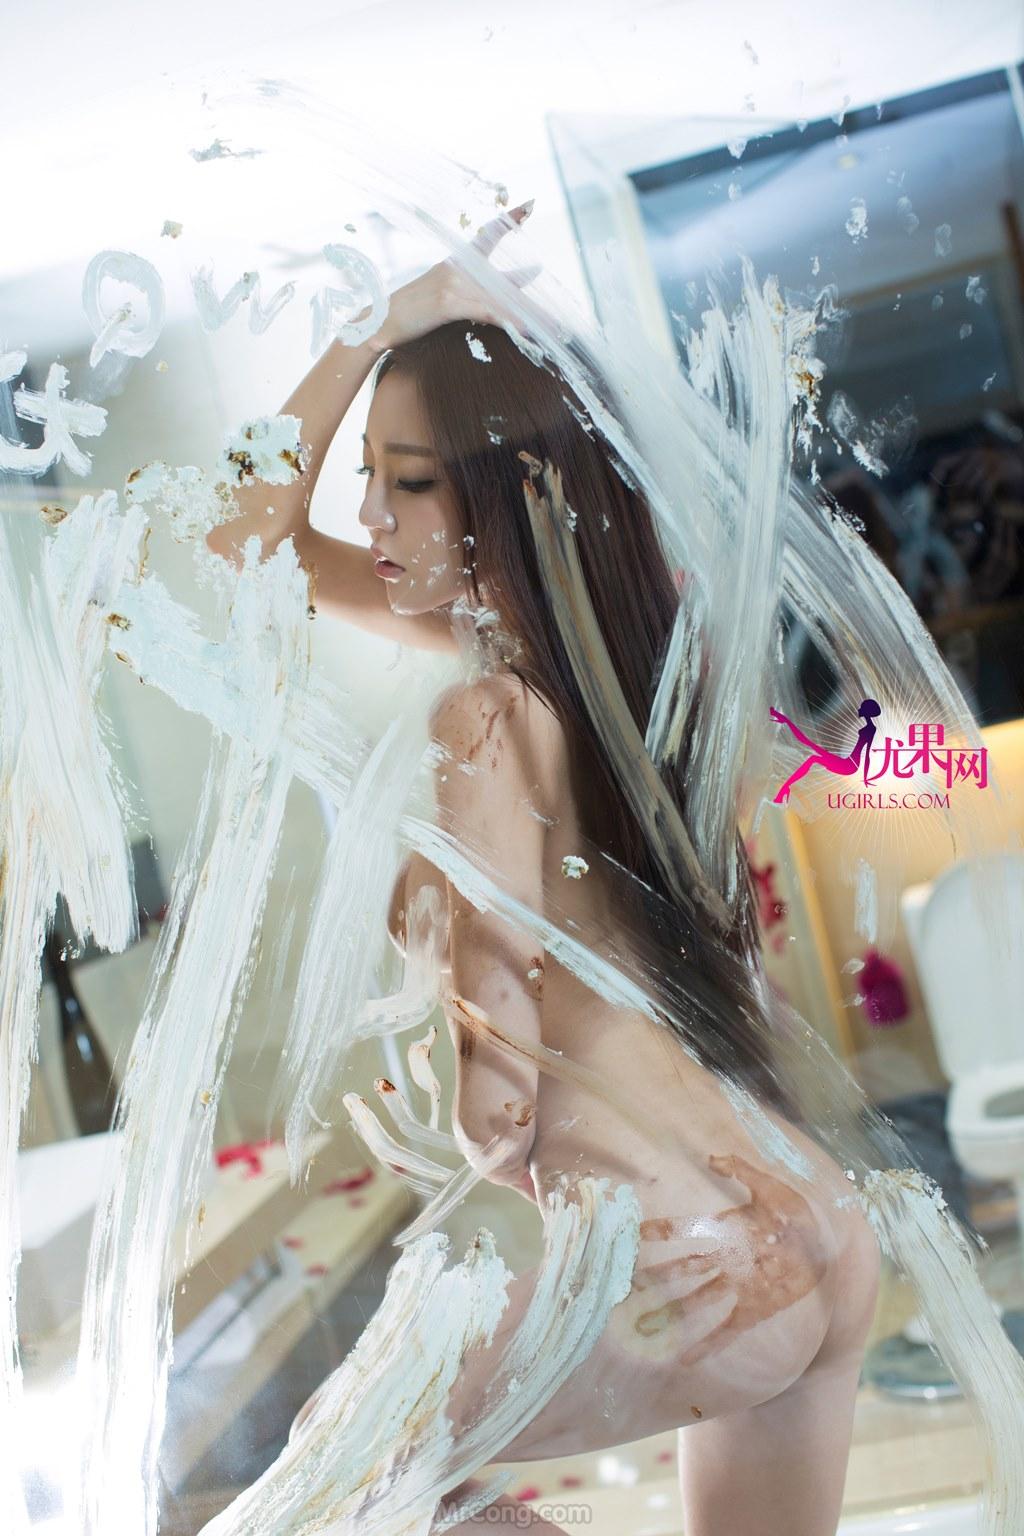 Ngắm các Beauty Trung Quốc khỏa thân nóng bỏng trong bộ ảnh UGIRLS T005